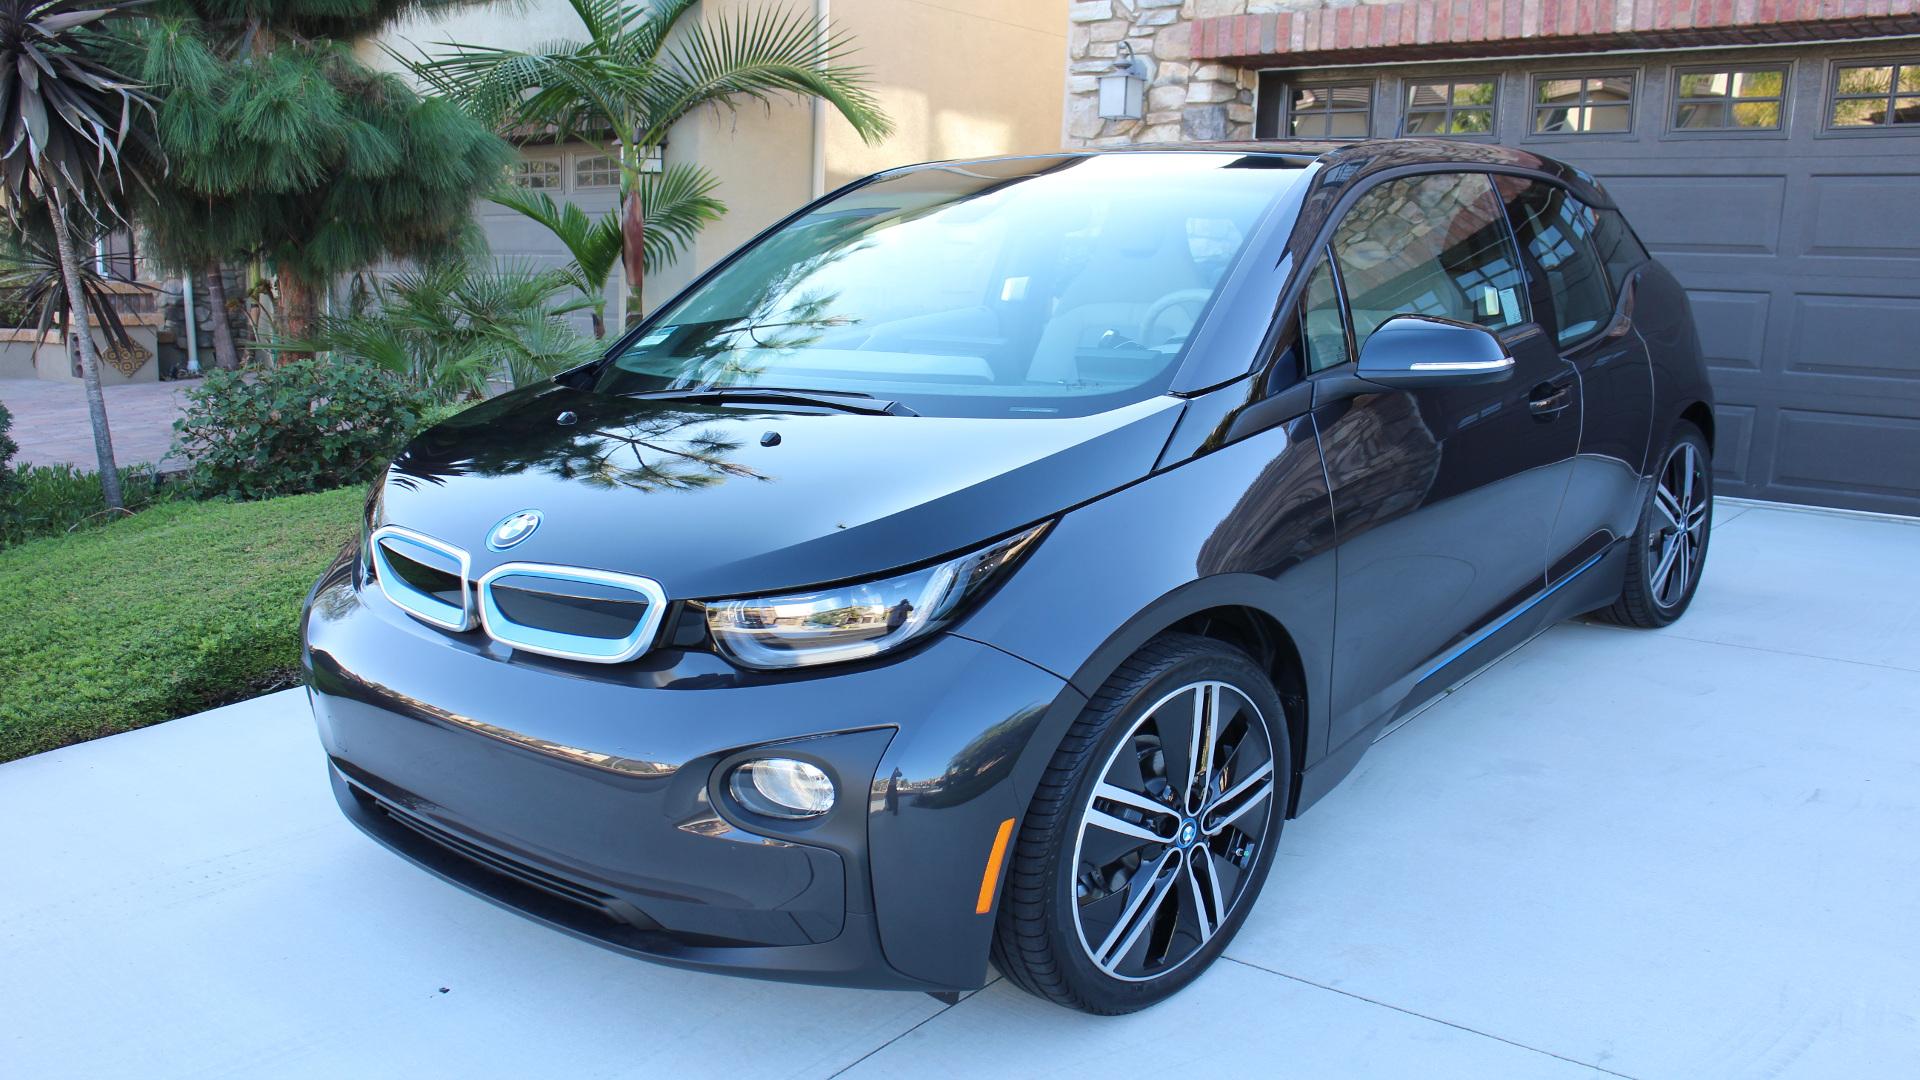 en el primer semestre del año se vendieron cerca de 3000 coches electricos1920